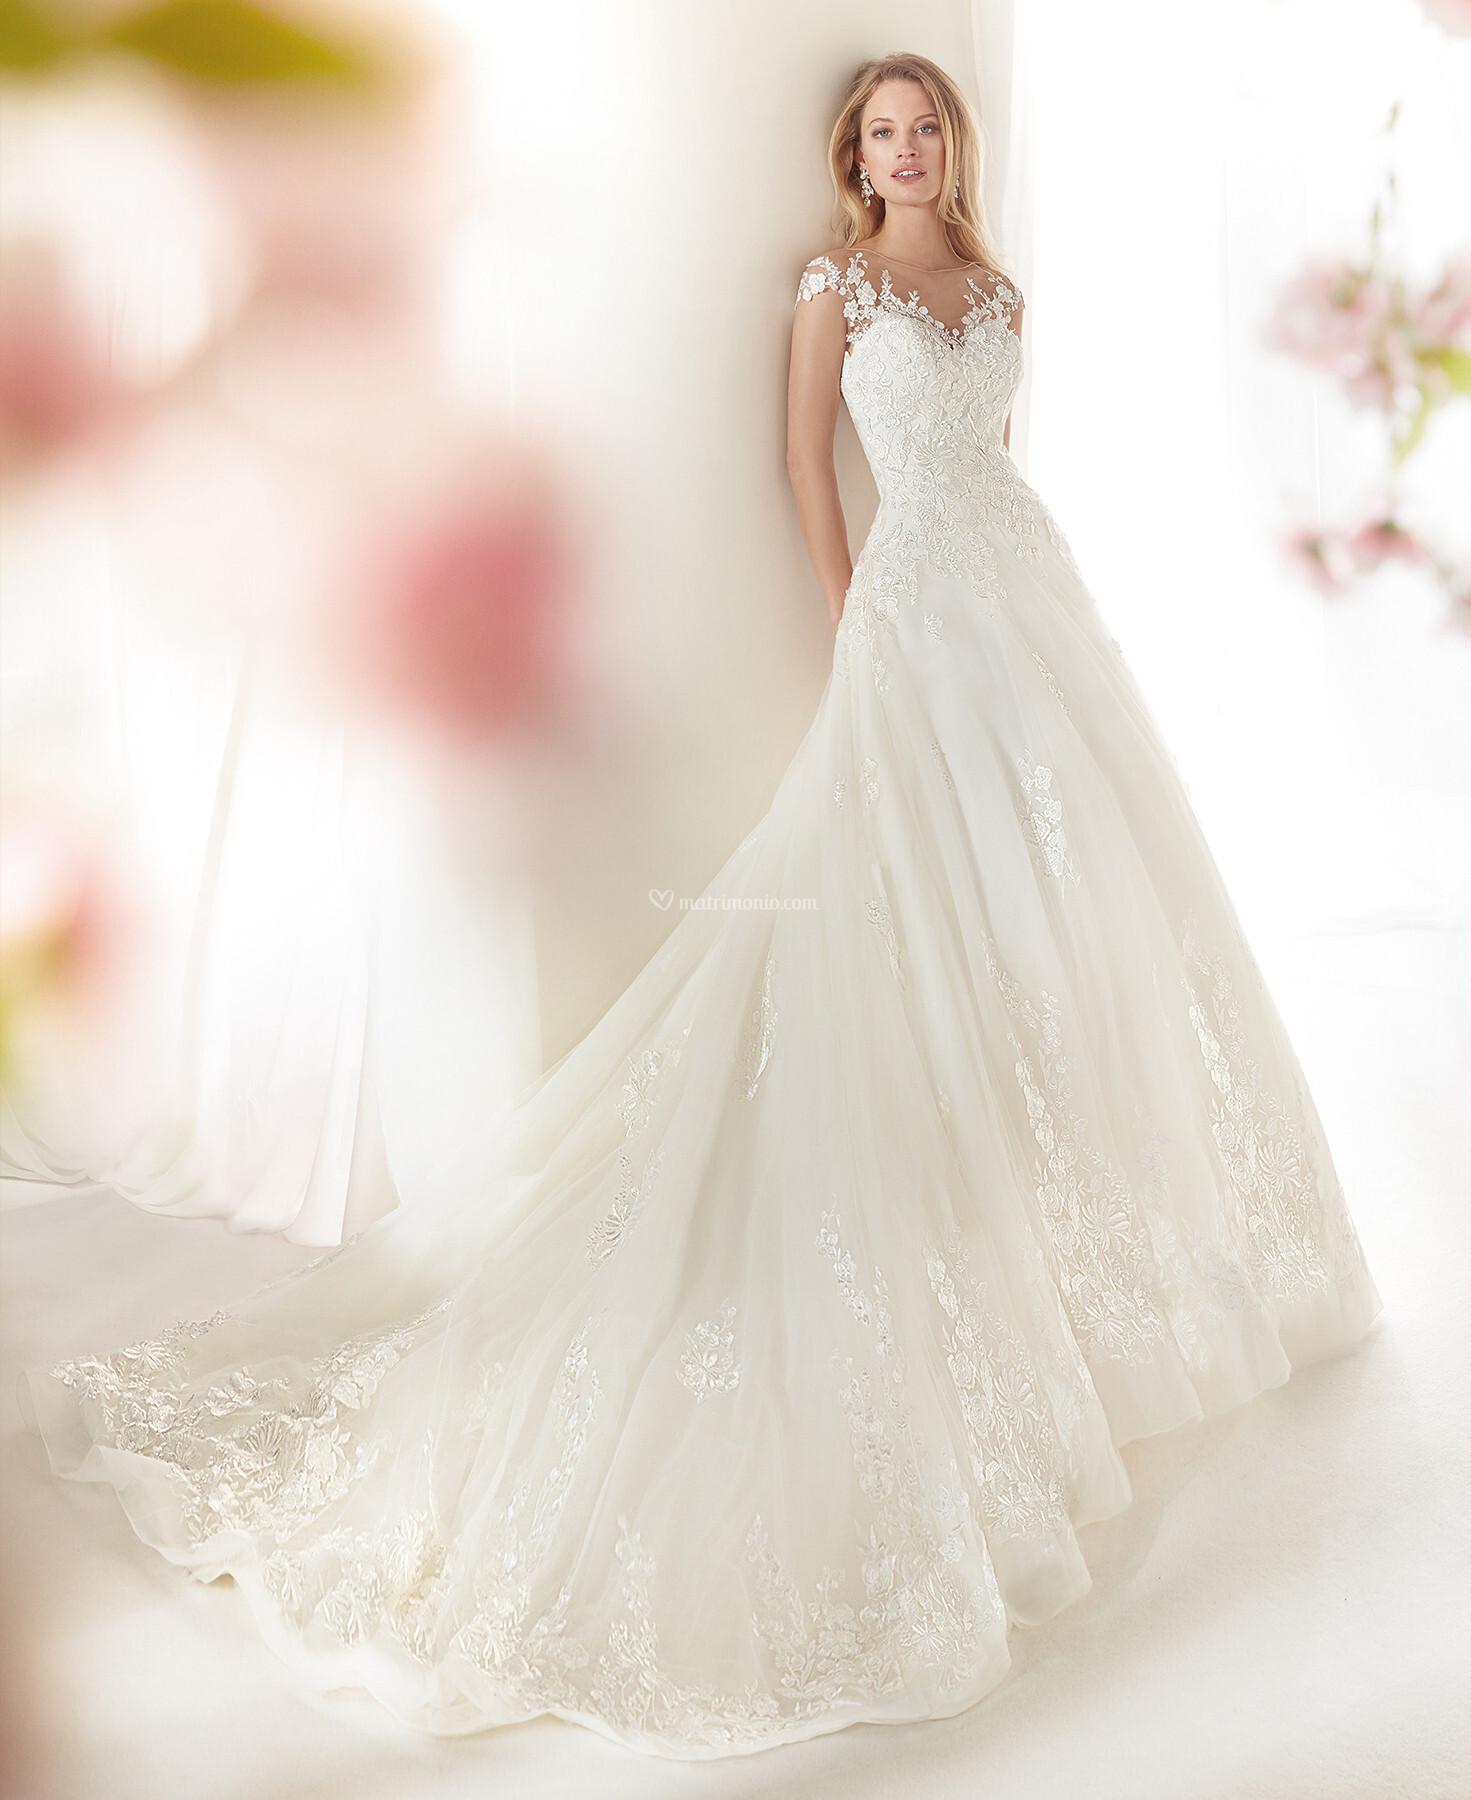 50b601e415c0 Abiti da Sposa - 2019 - Matrimonio.com